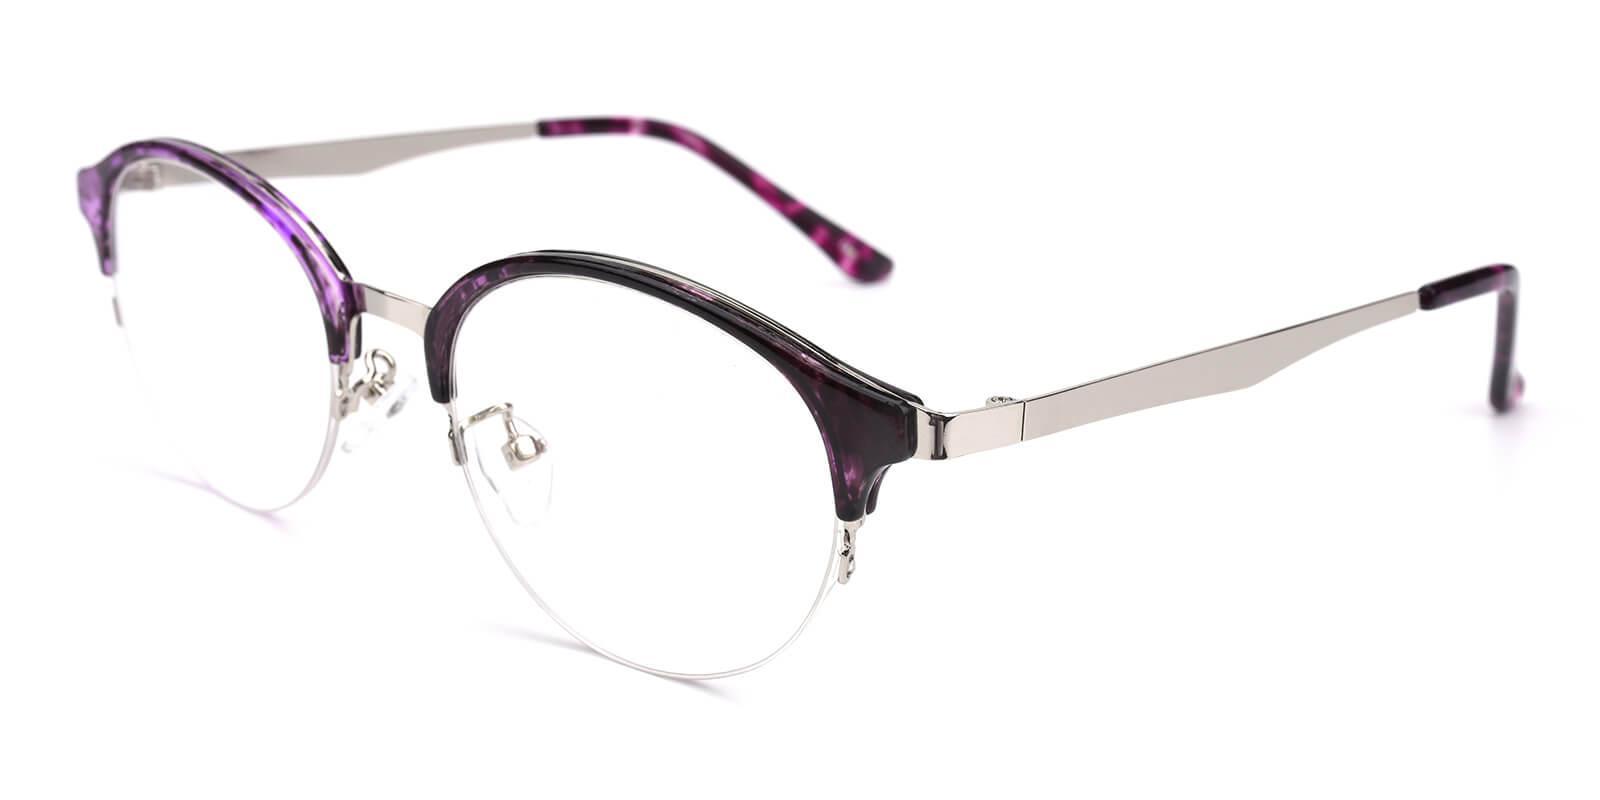 Akaaro-Purple-Oval-Metal-Eyeglasses-additional1